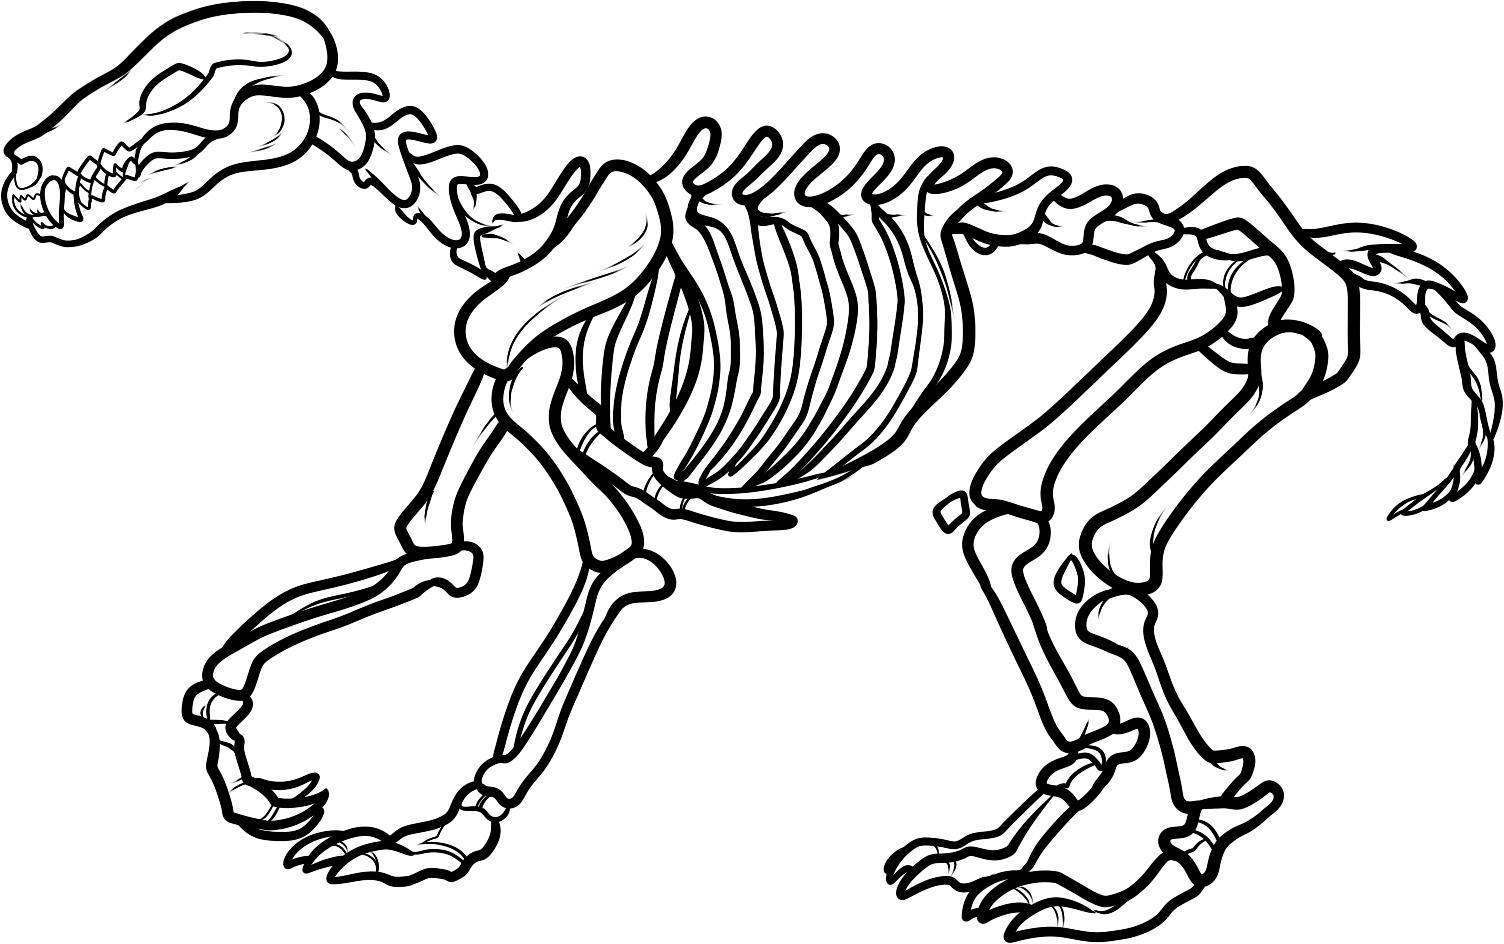 Bones clipart #9, Download drawings